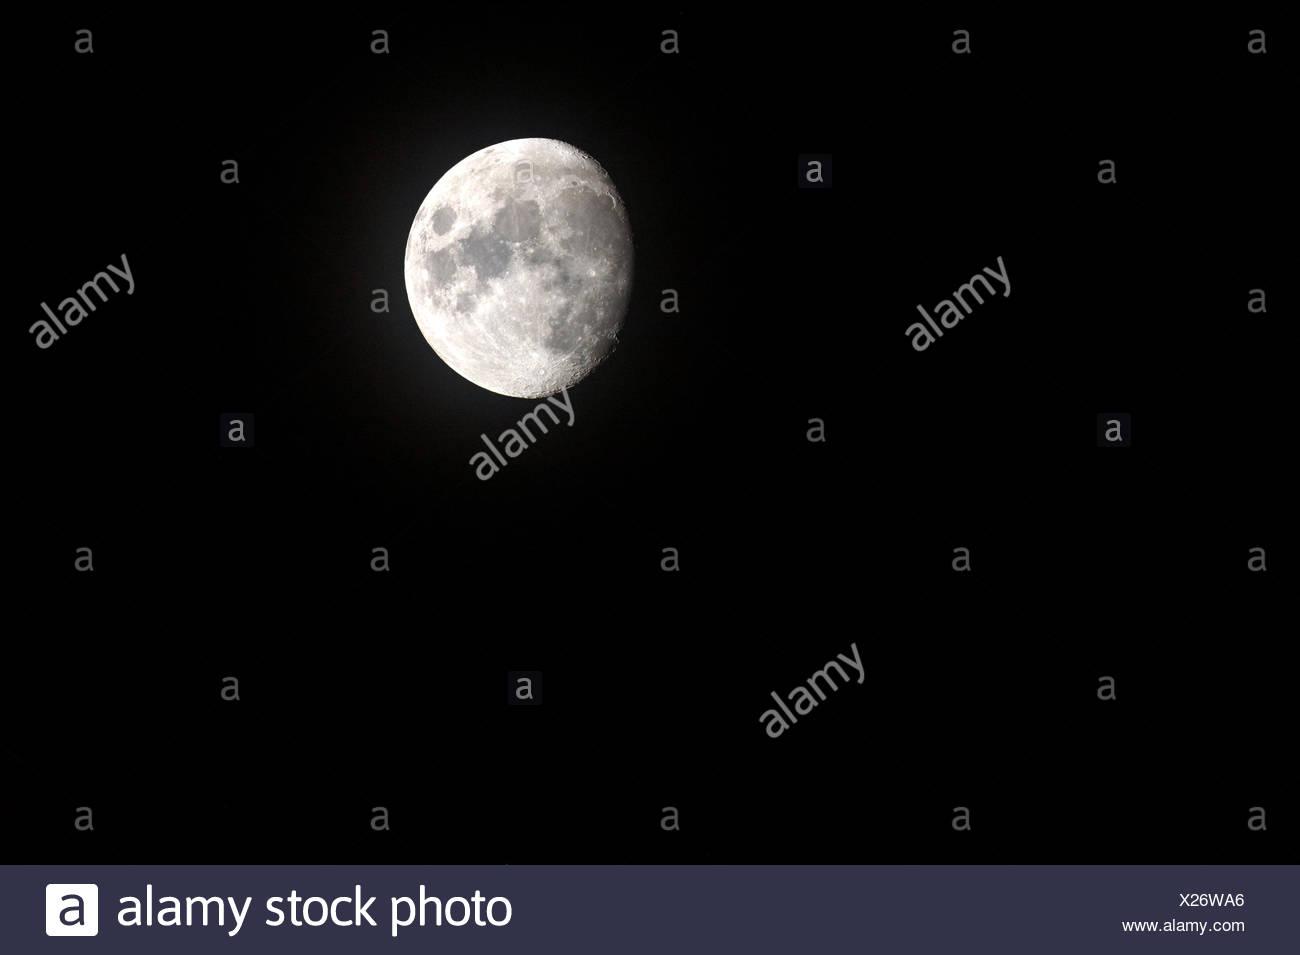 Tres cuartos el tamaño, la luna mostrando paisajes lunares. Imagen De Stock